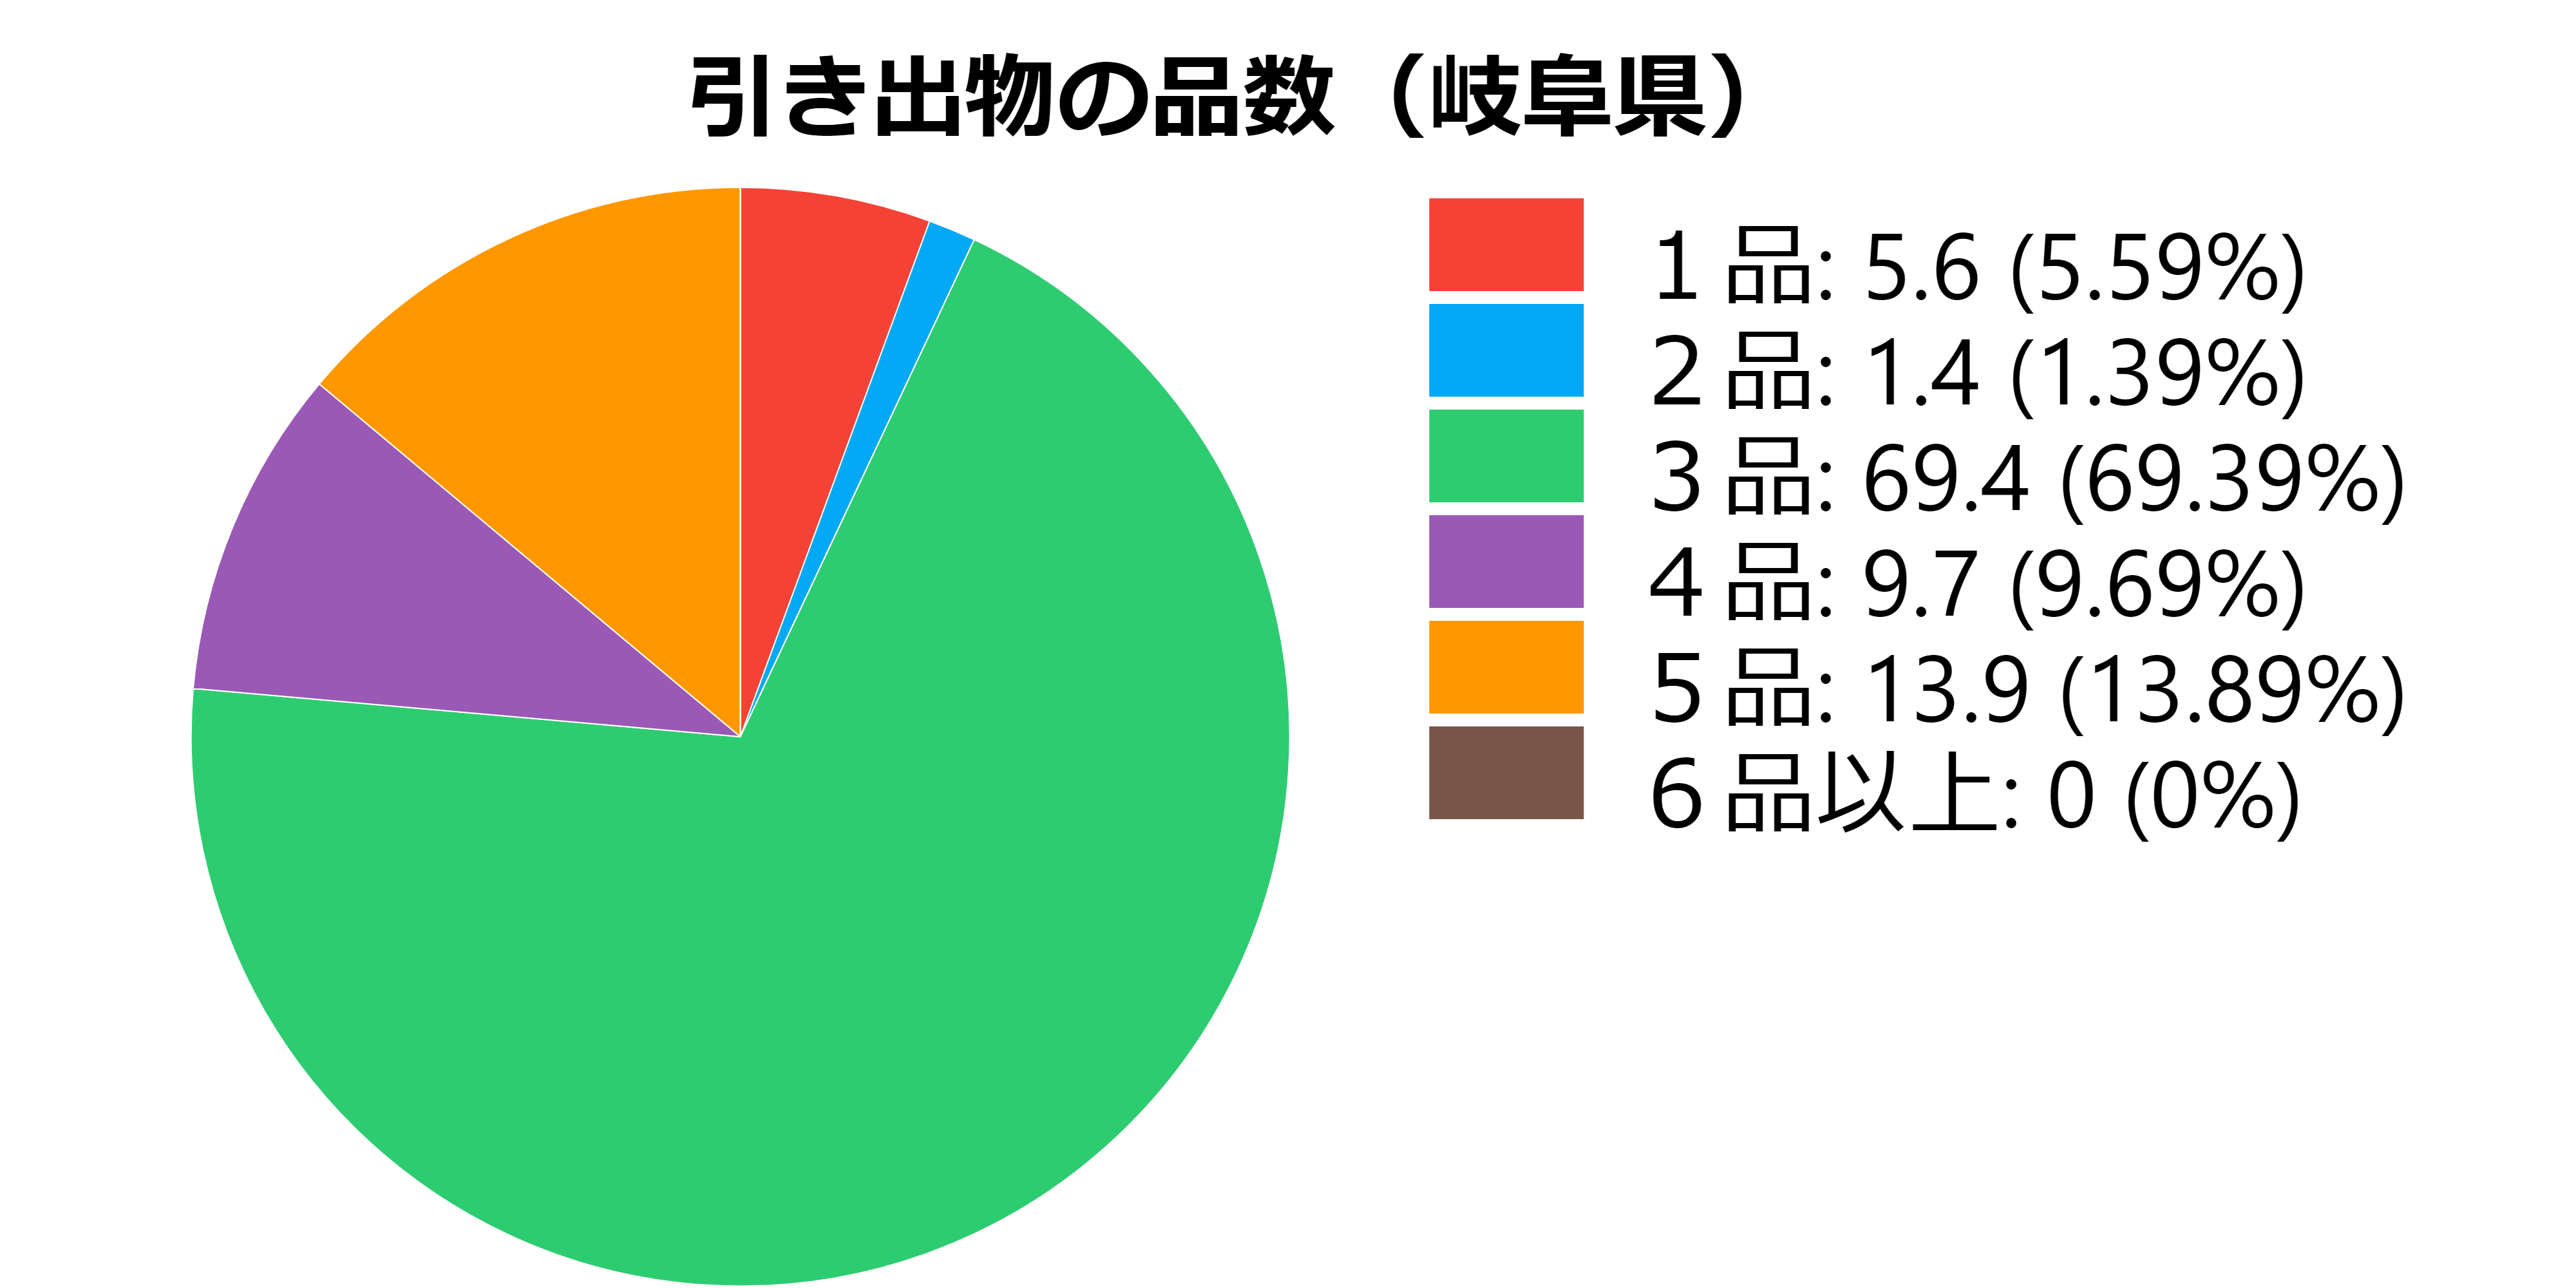 品数(岐阜県)